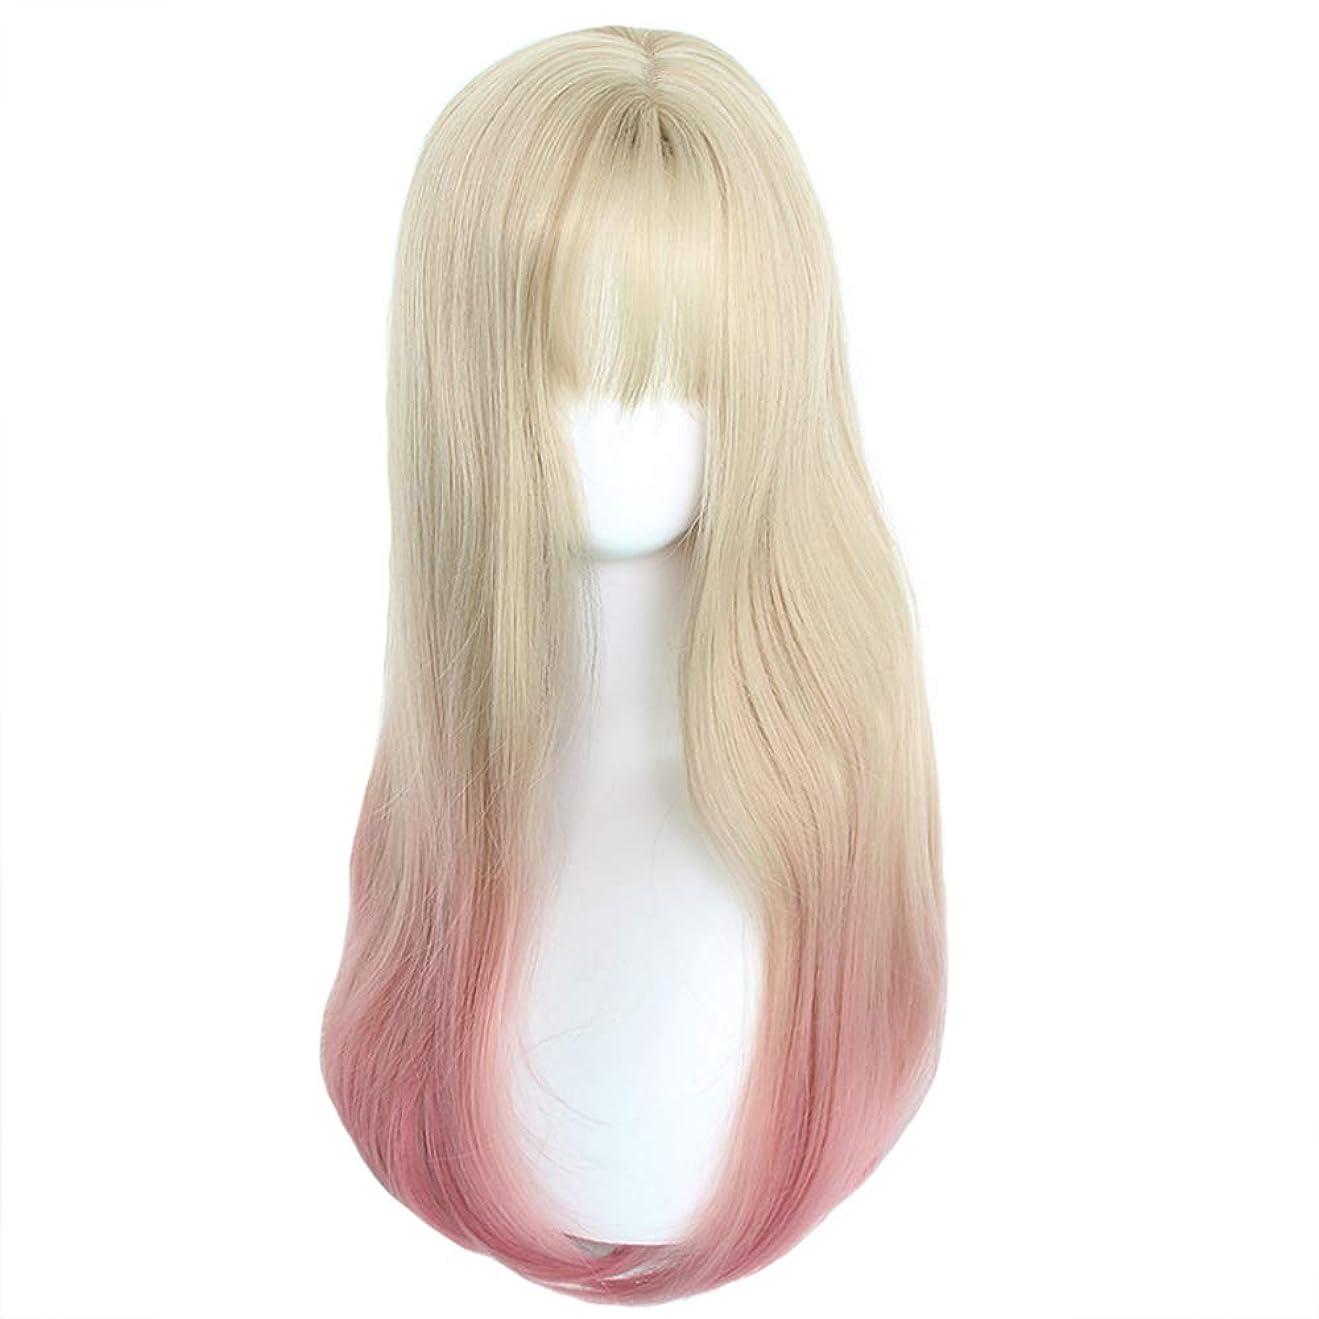 バレル仲介者不明瞭かつら - ファッションロングロールリューハイウィッグレディハロウィンコスプレヒートナチュラル60センチメートルライトゴールドグラデーションピンク (色 : Pink, サイズ さいず : 60 cm 60 cm)